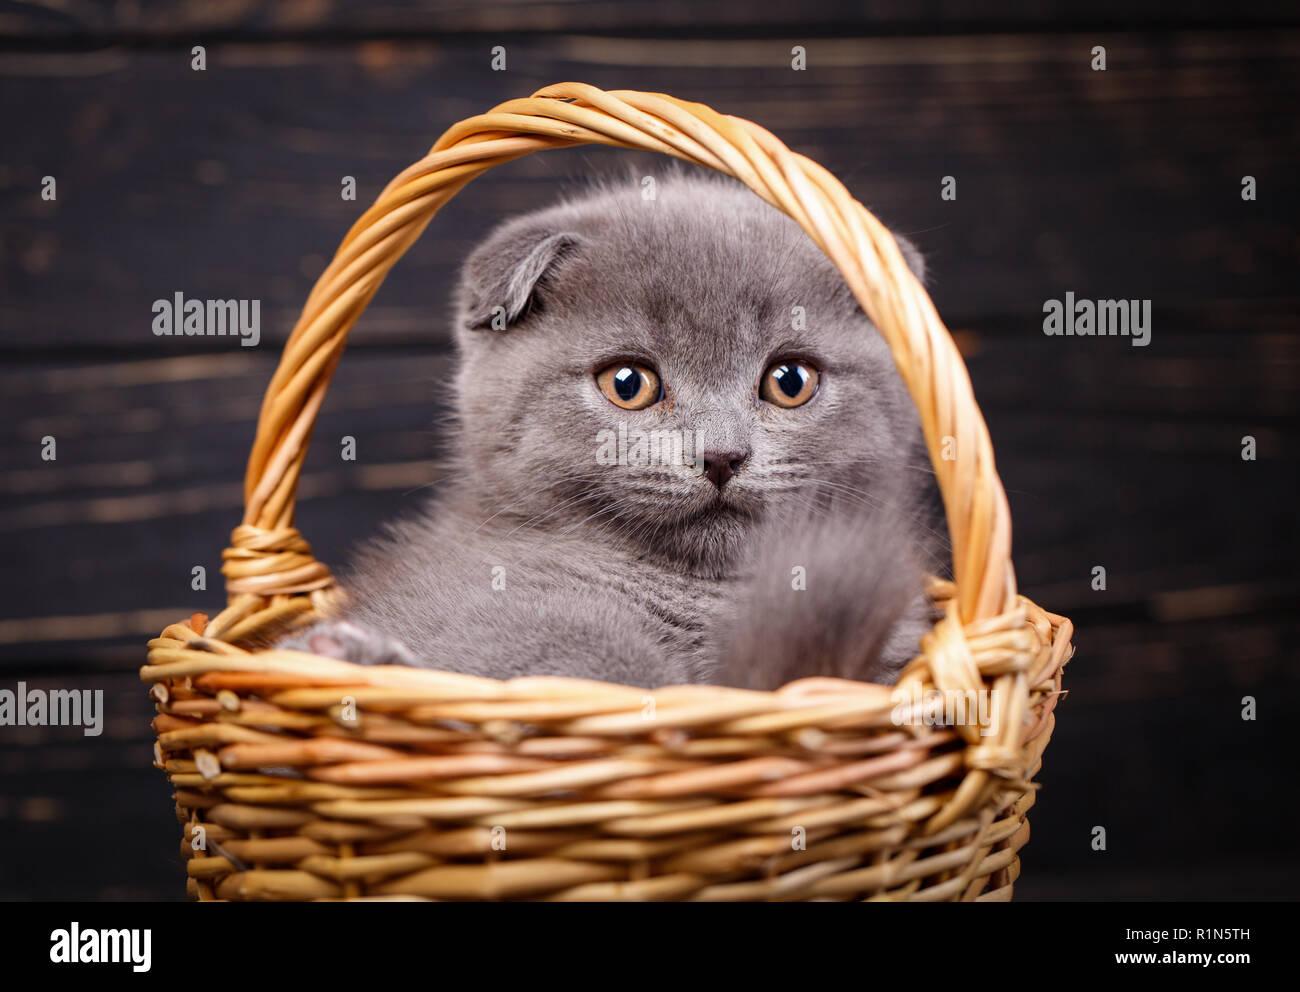 Chat dans un panier en osier sur un fond noir Photo Stock